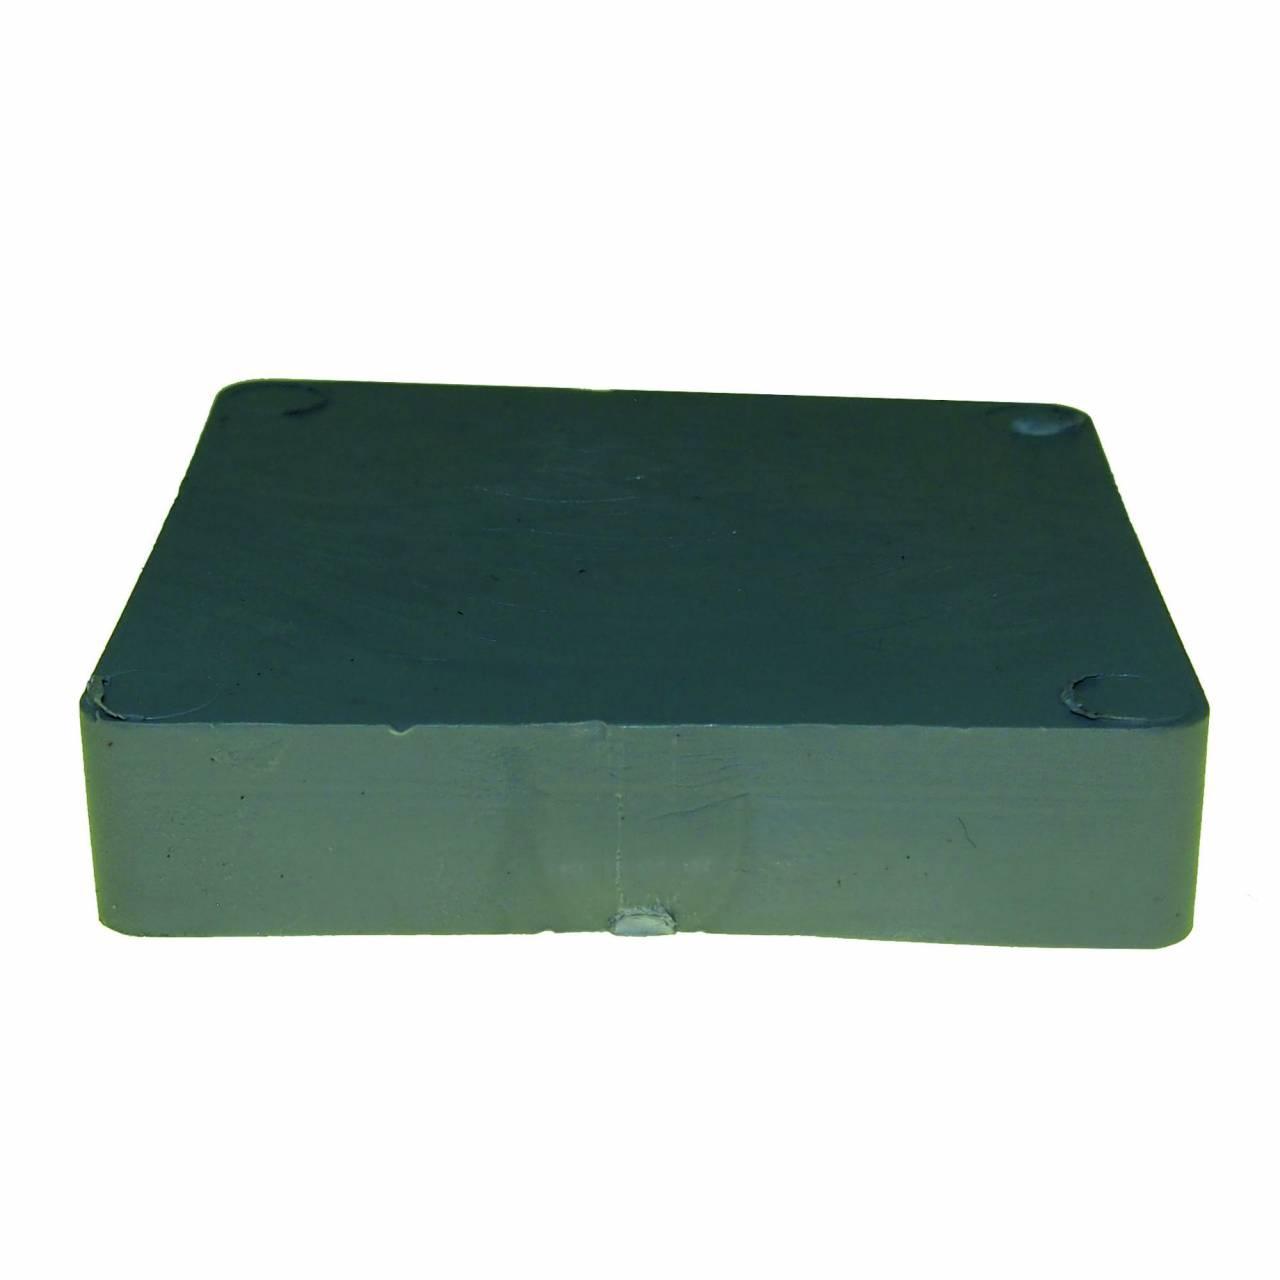 Montageplatten 70 x 70 x 15 mm, ohne Schlitz / Sack a 200 Stück